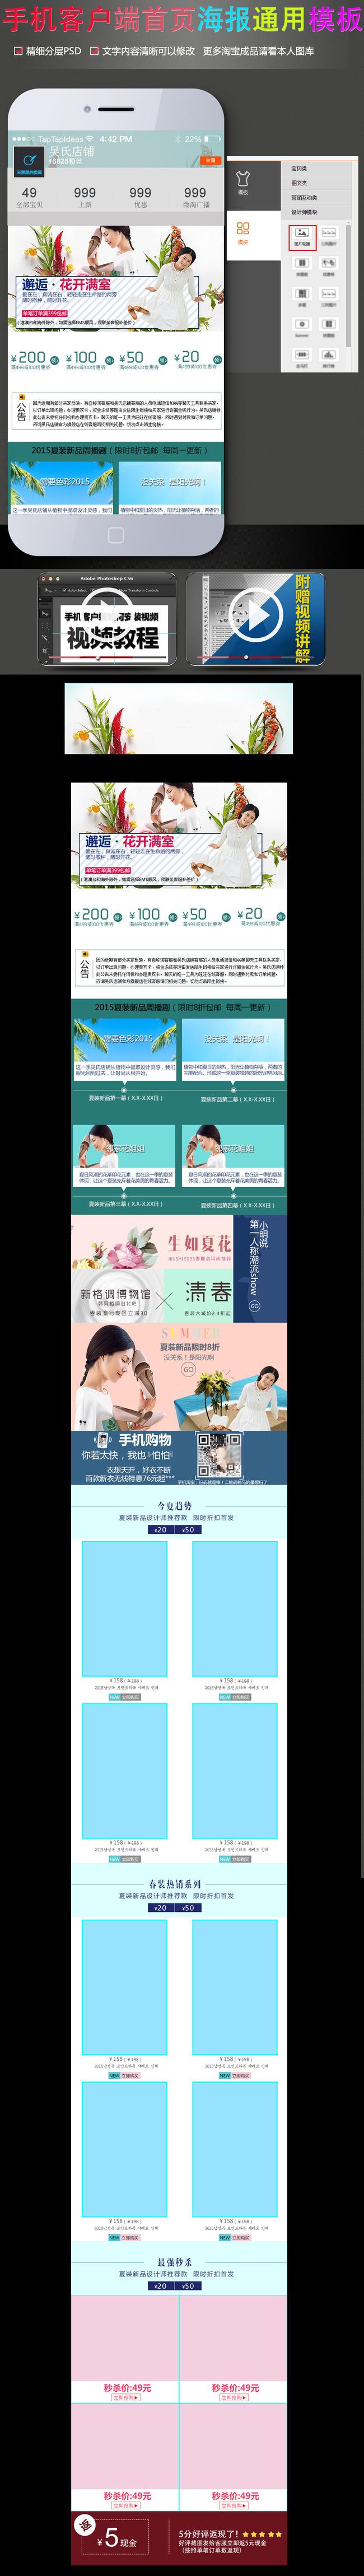 吴氏店铺淘宝天猫女装手机端页模板载